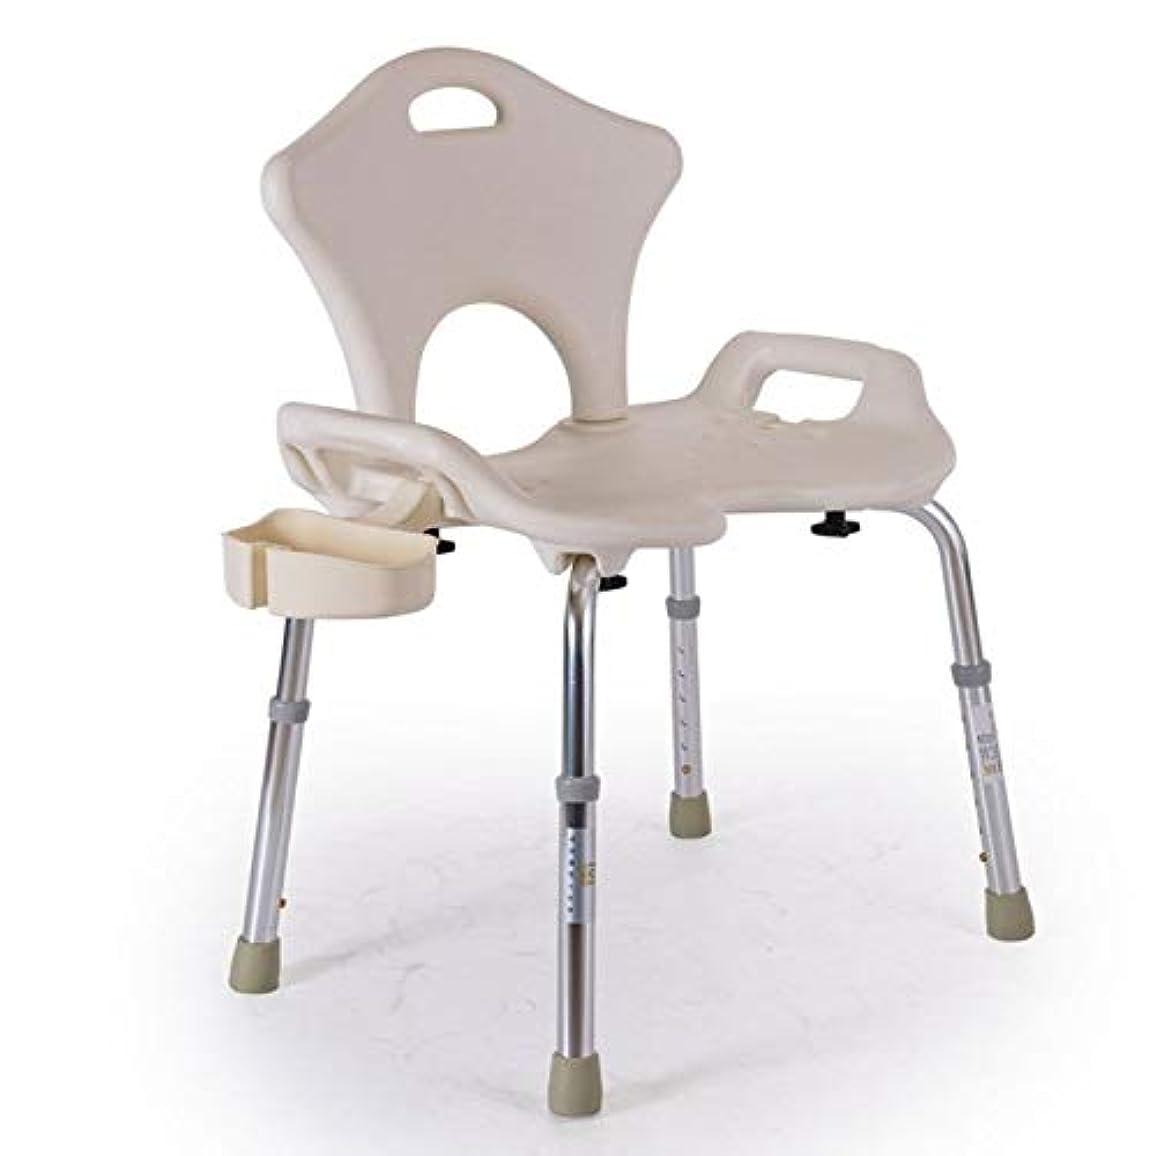 考案するネックレット逮捕浴室の椅子、アルミニウム合金の折り畳み式滑り止め風呂椅子